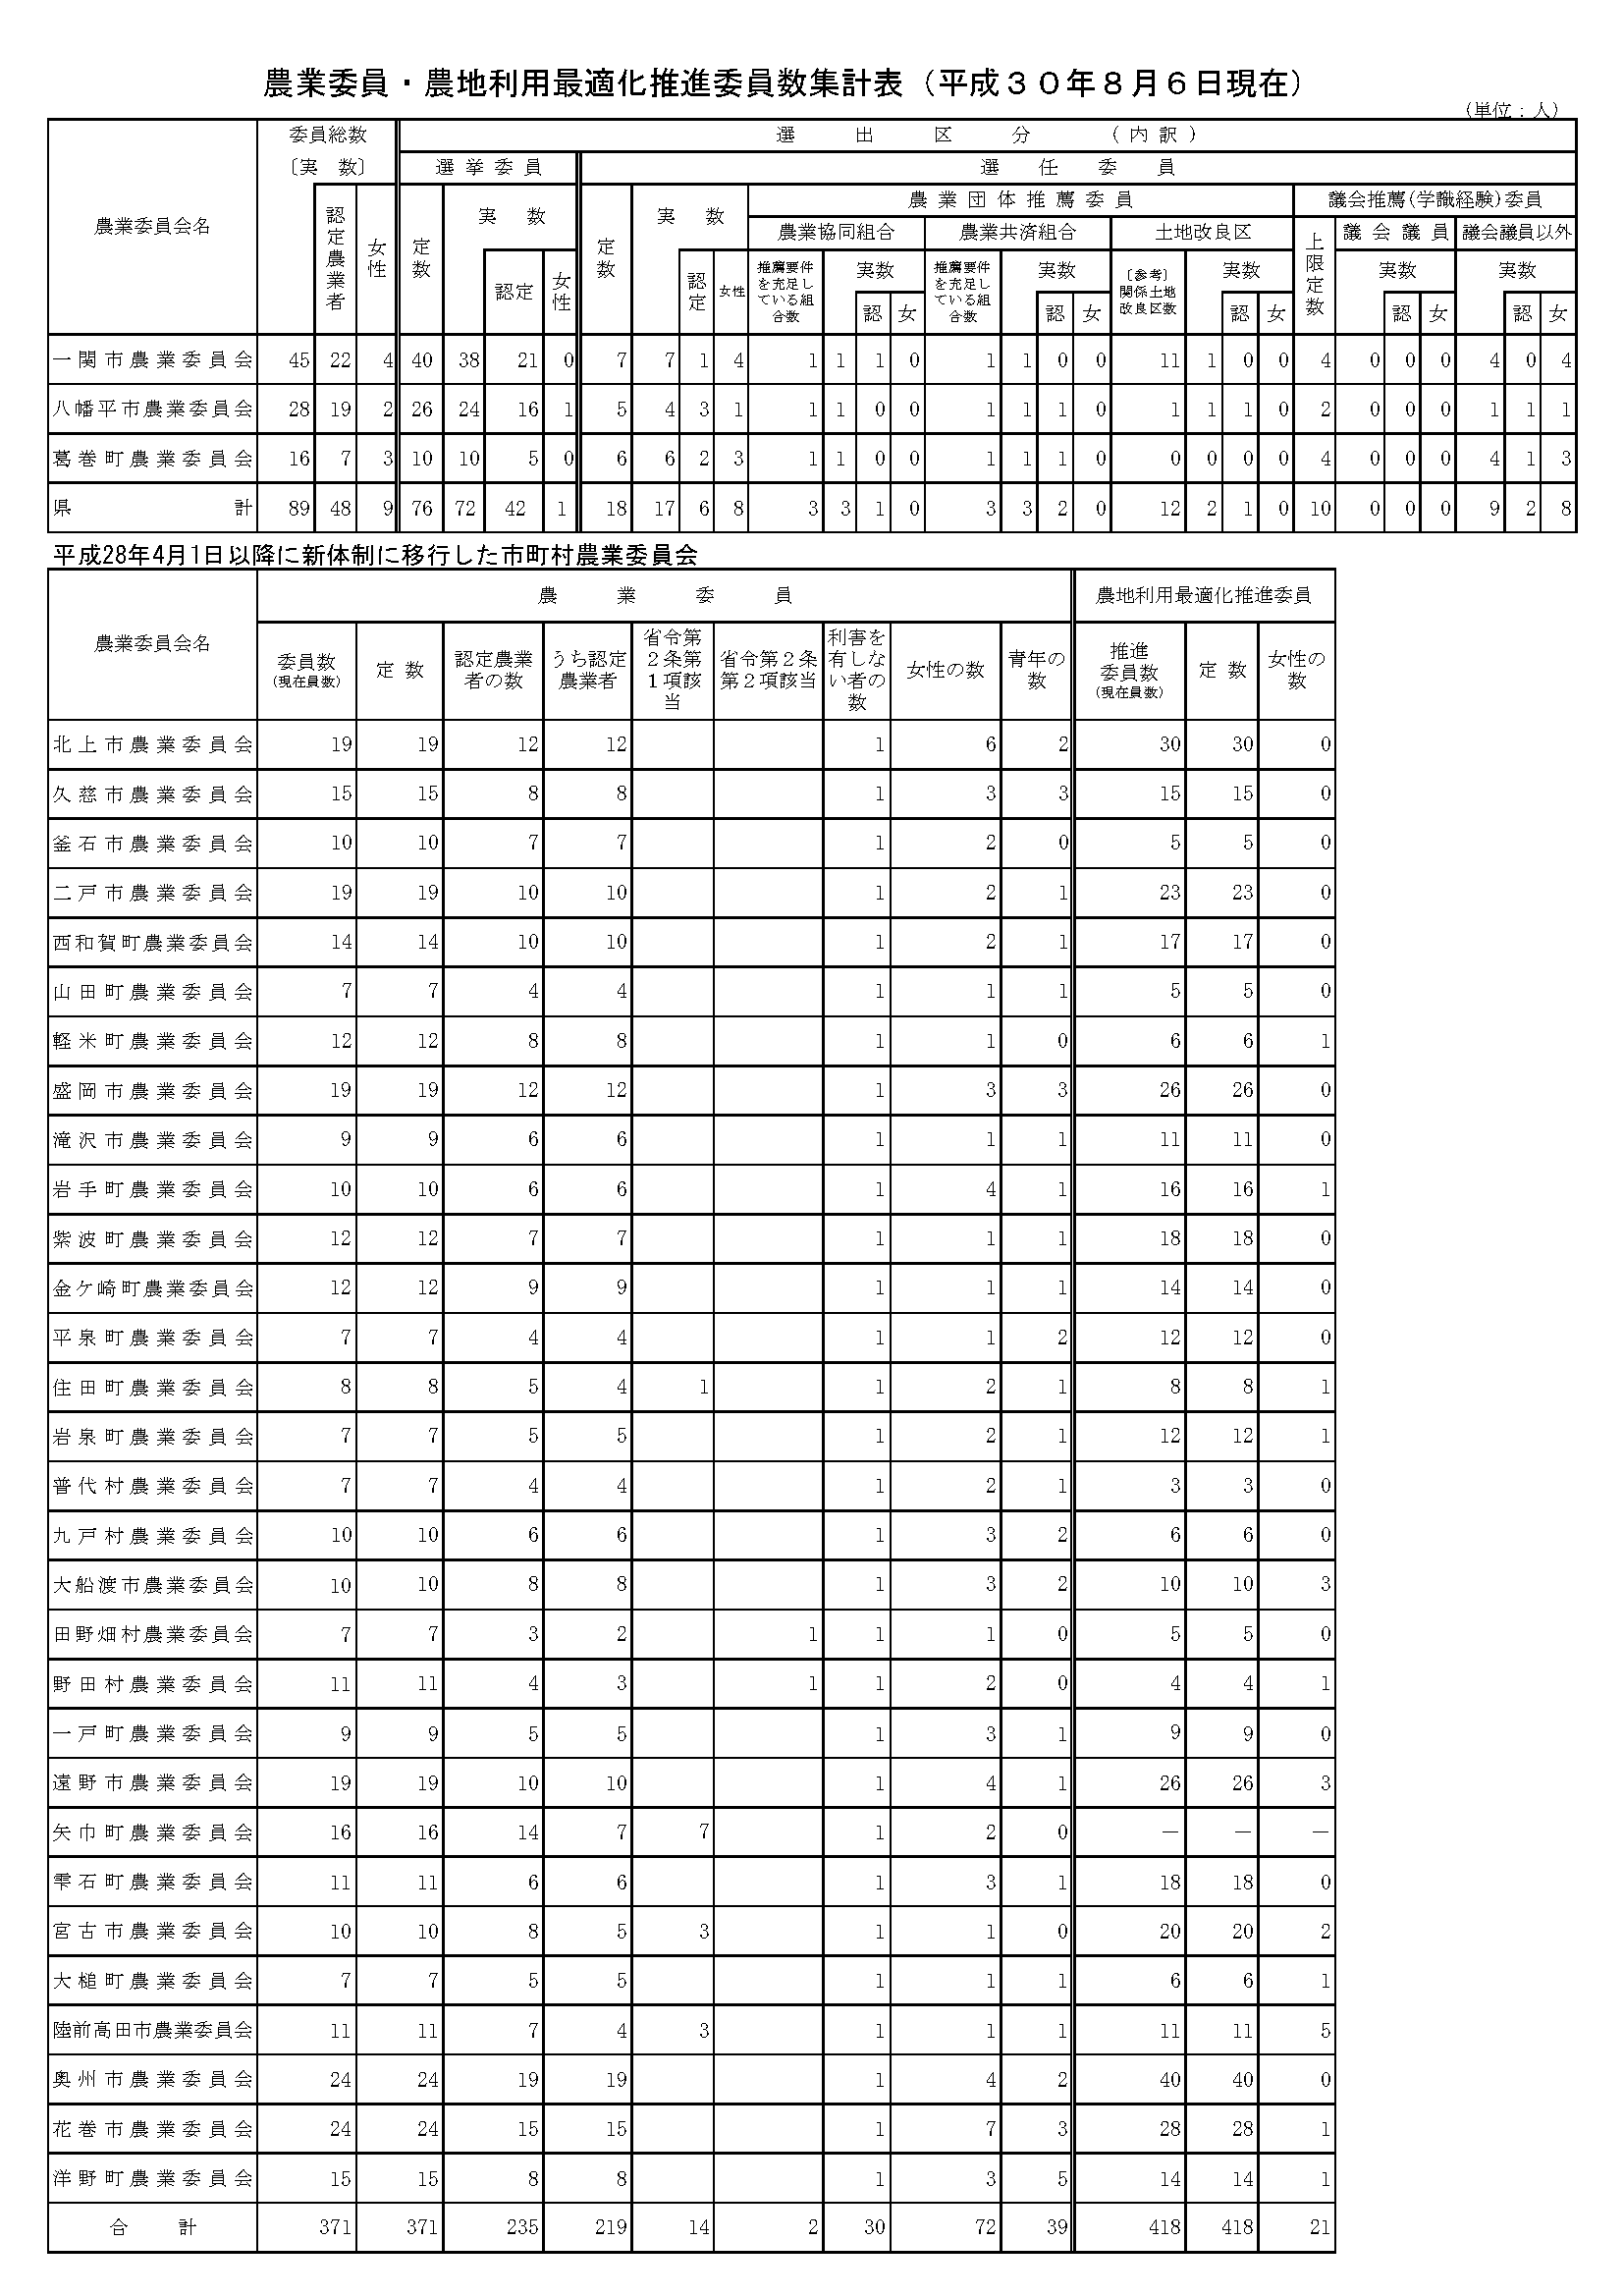 iwate-ca-committee-list